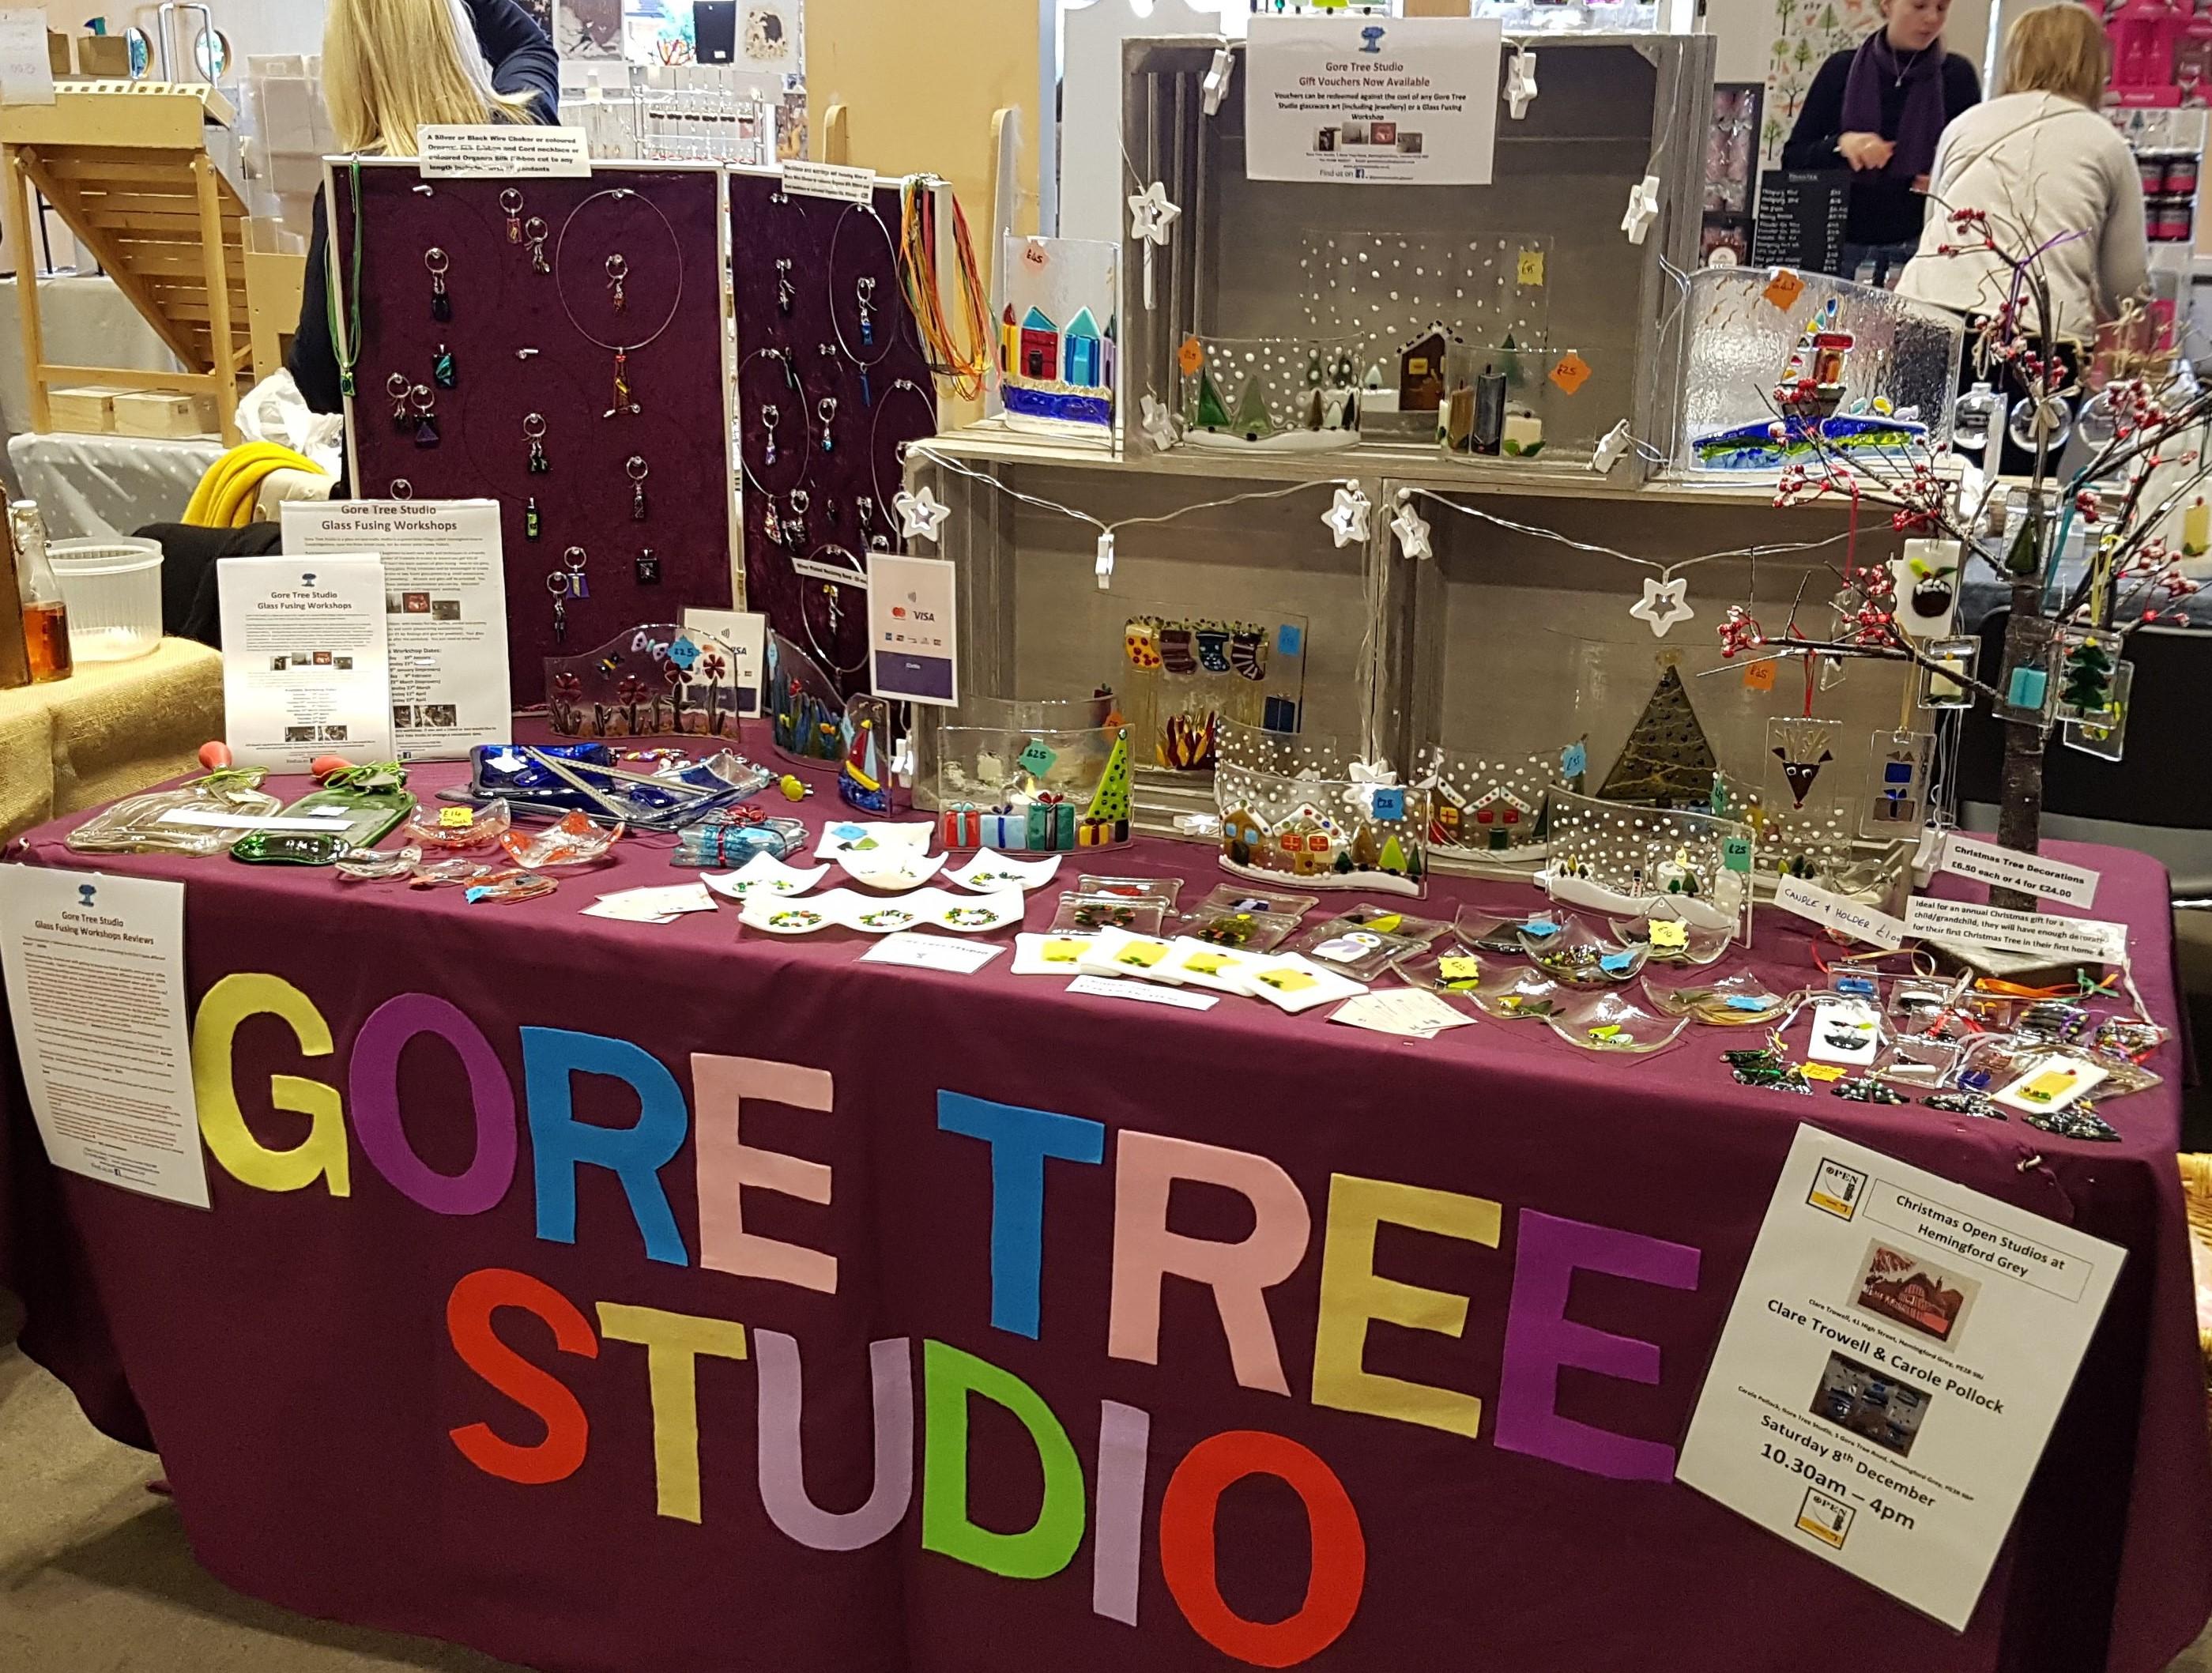 Gore Tree Studios